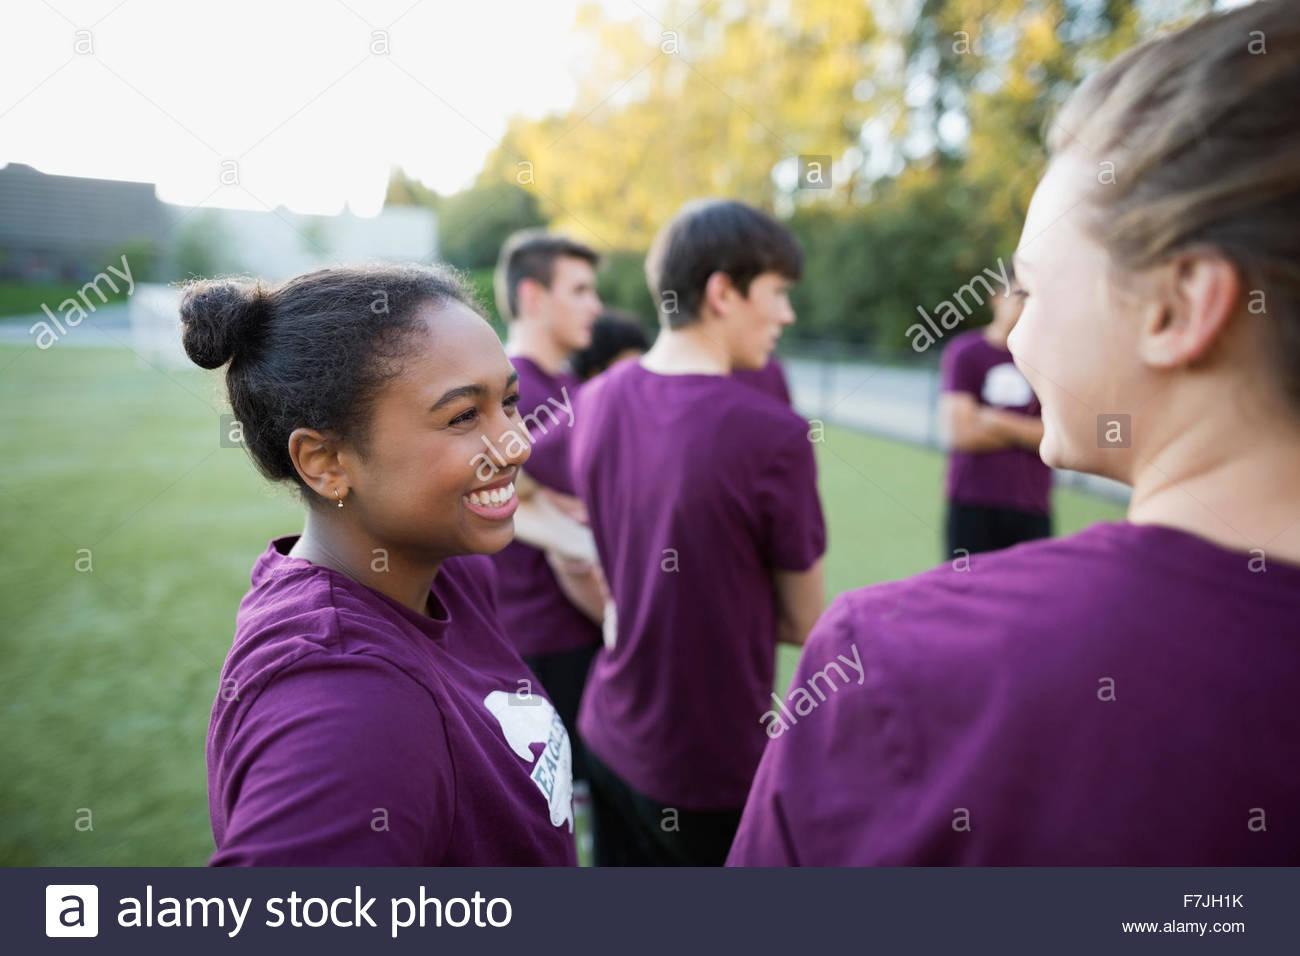 Estudiantes de secundaria sonriente hablando de educación física Imagen De Stock